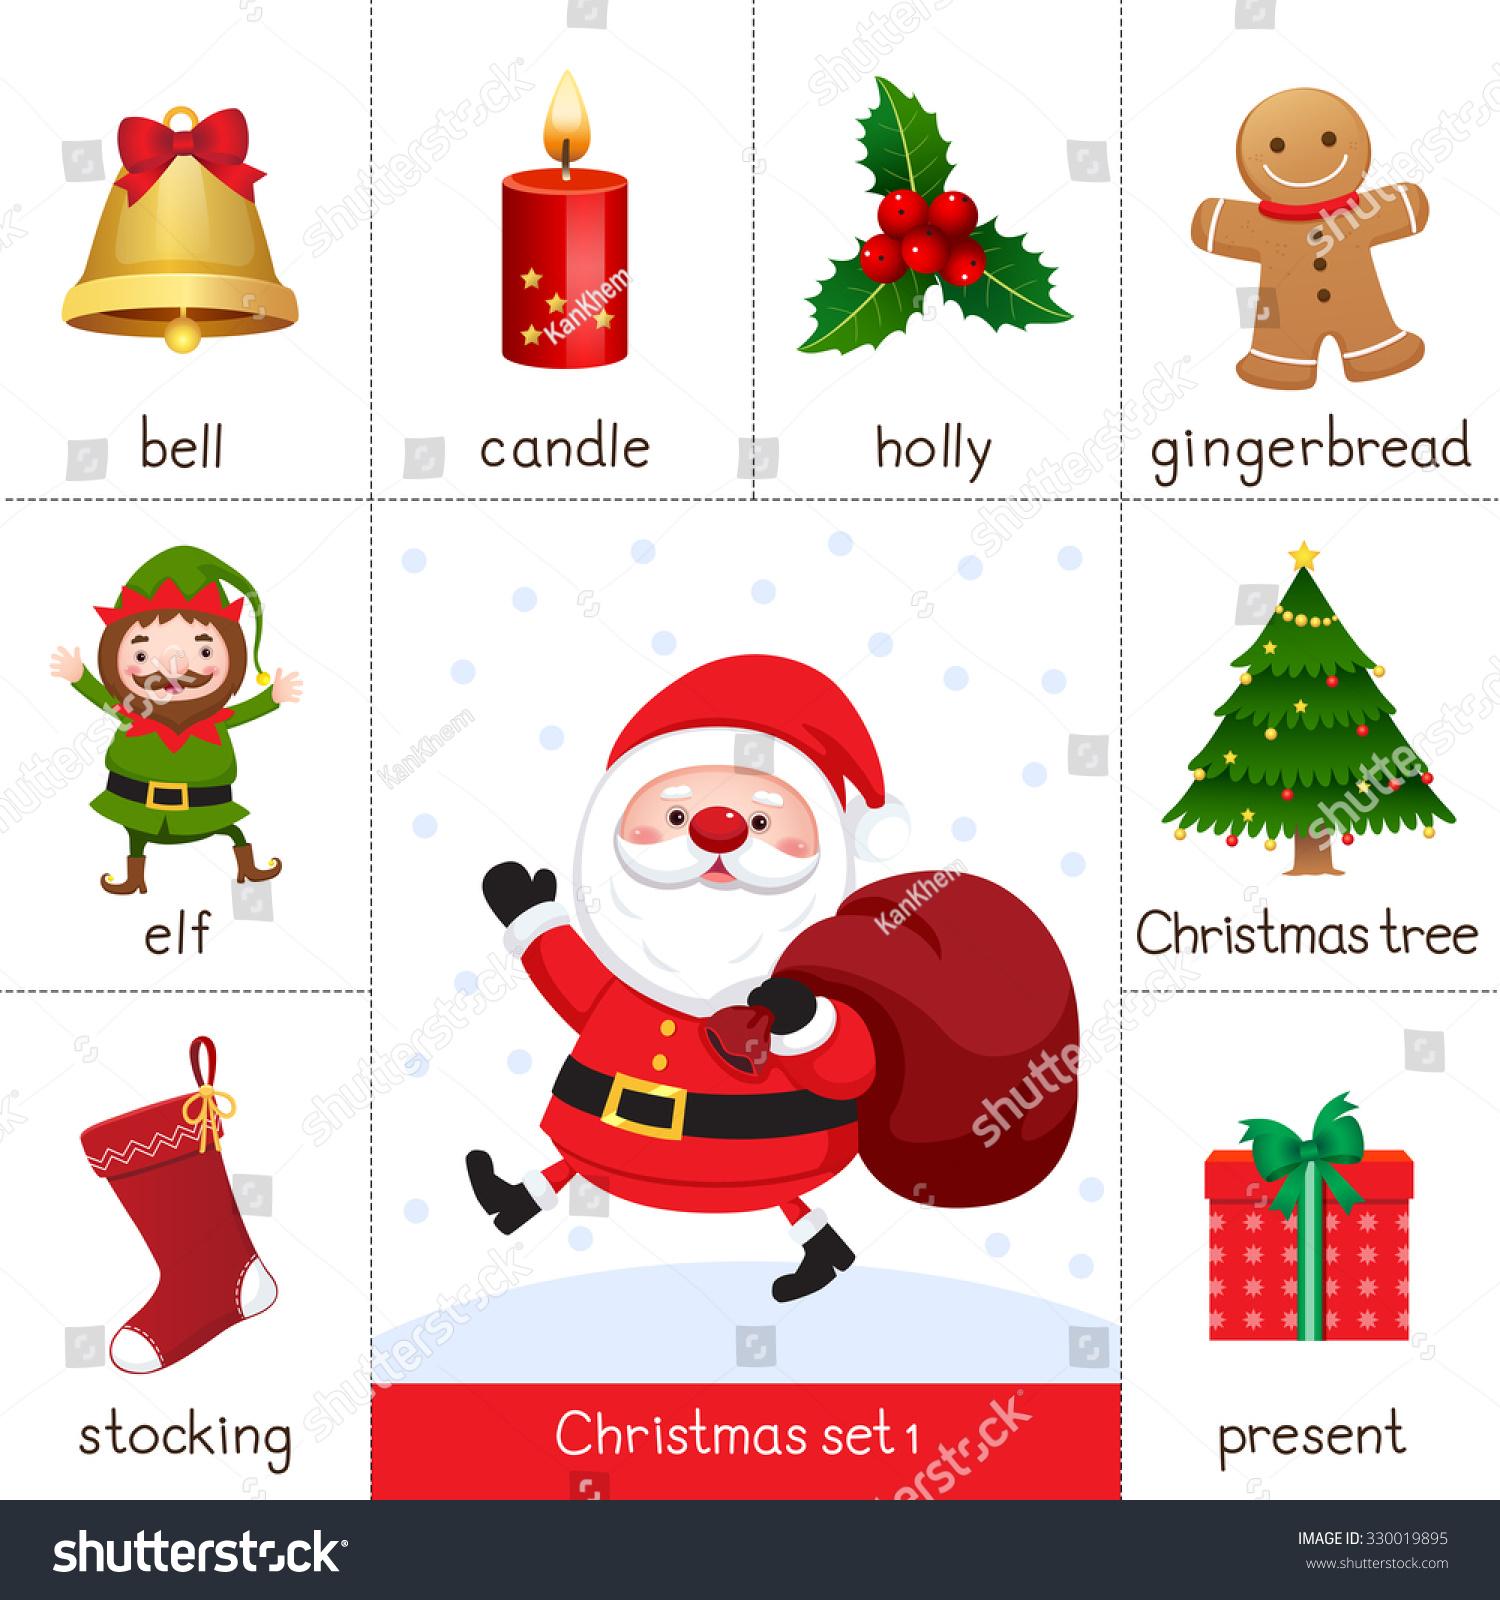 Illustration Printable Flash Card Christmas Set Stock